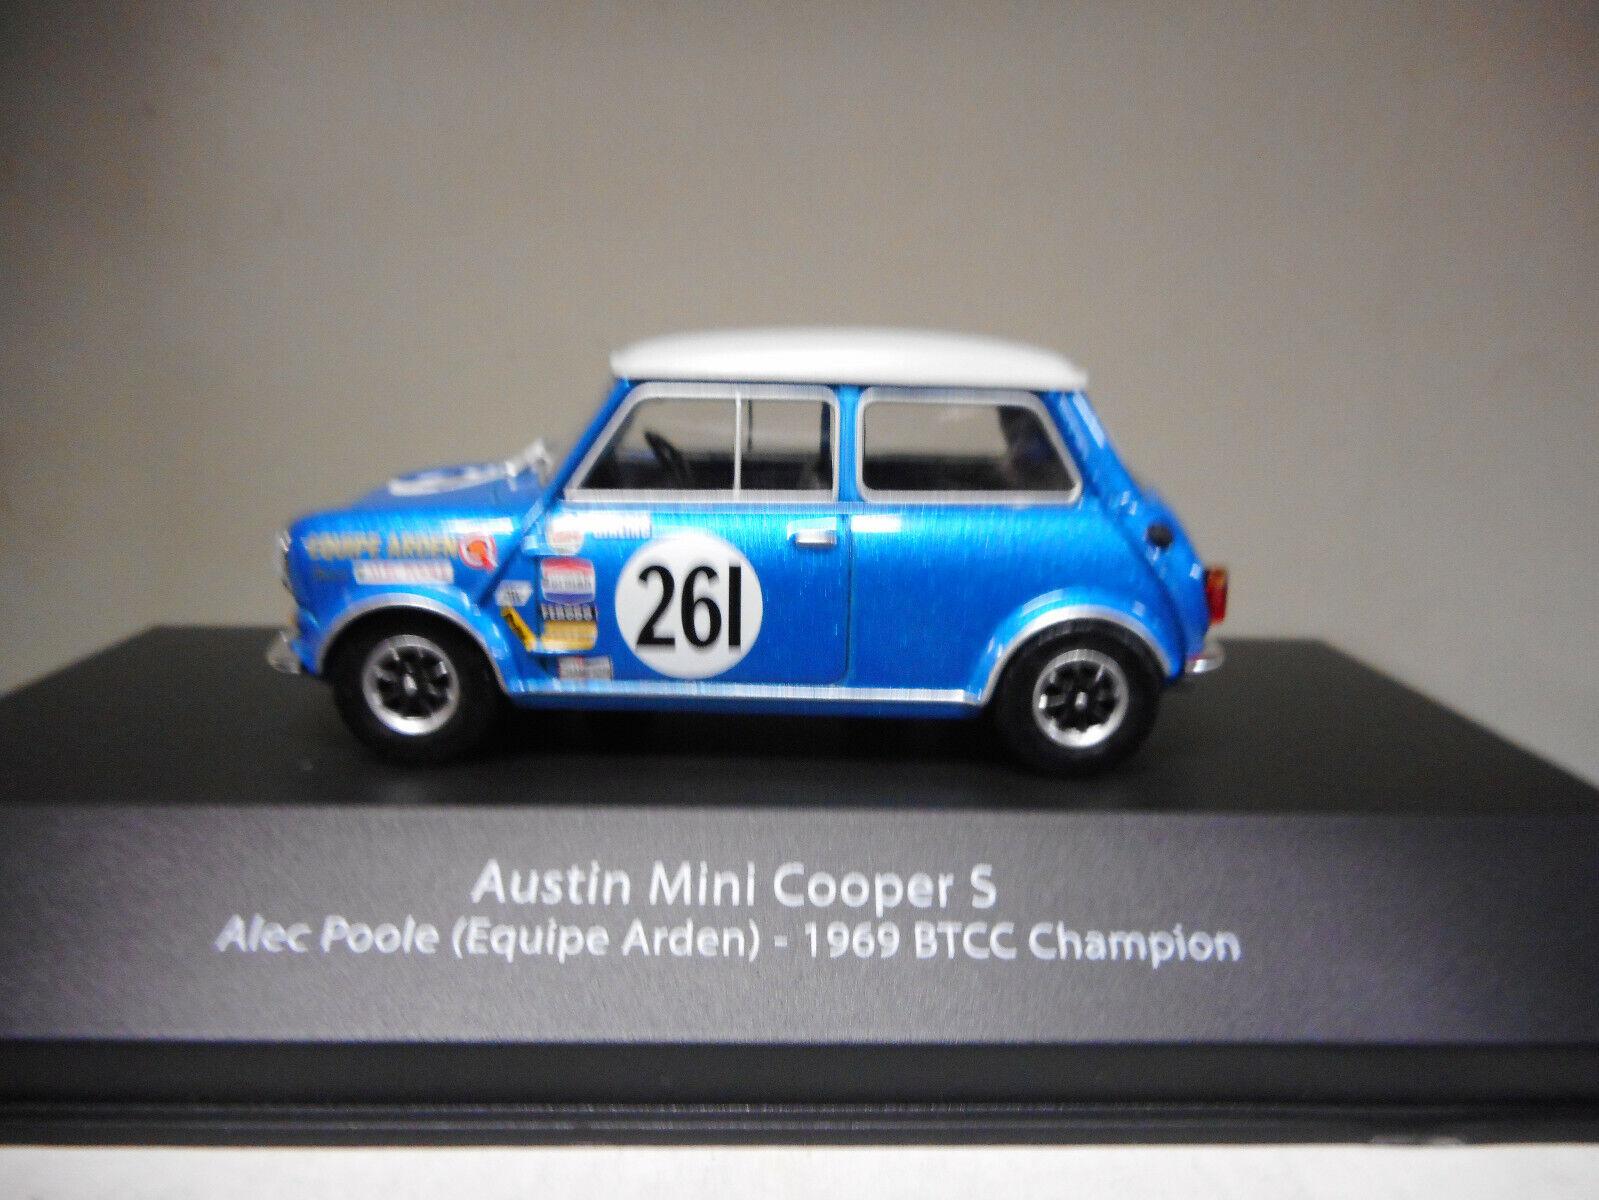 AUSTIN MINI COOPER ALEC POOLE 1969 BTCC CHAMPION BRITISH TOURING ATLAS  10 1 43